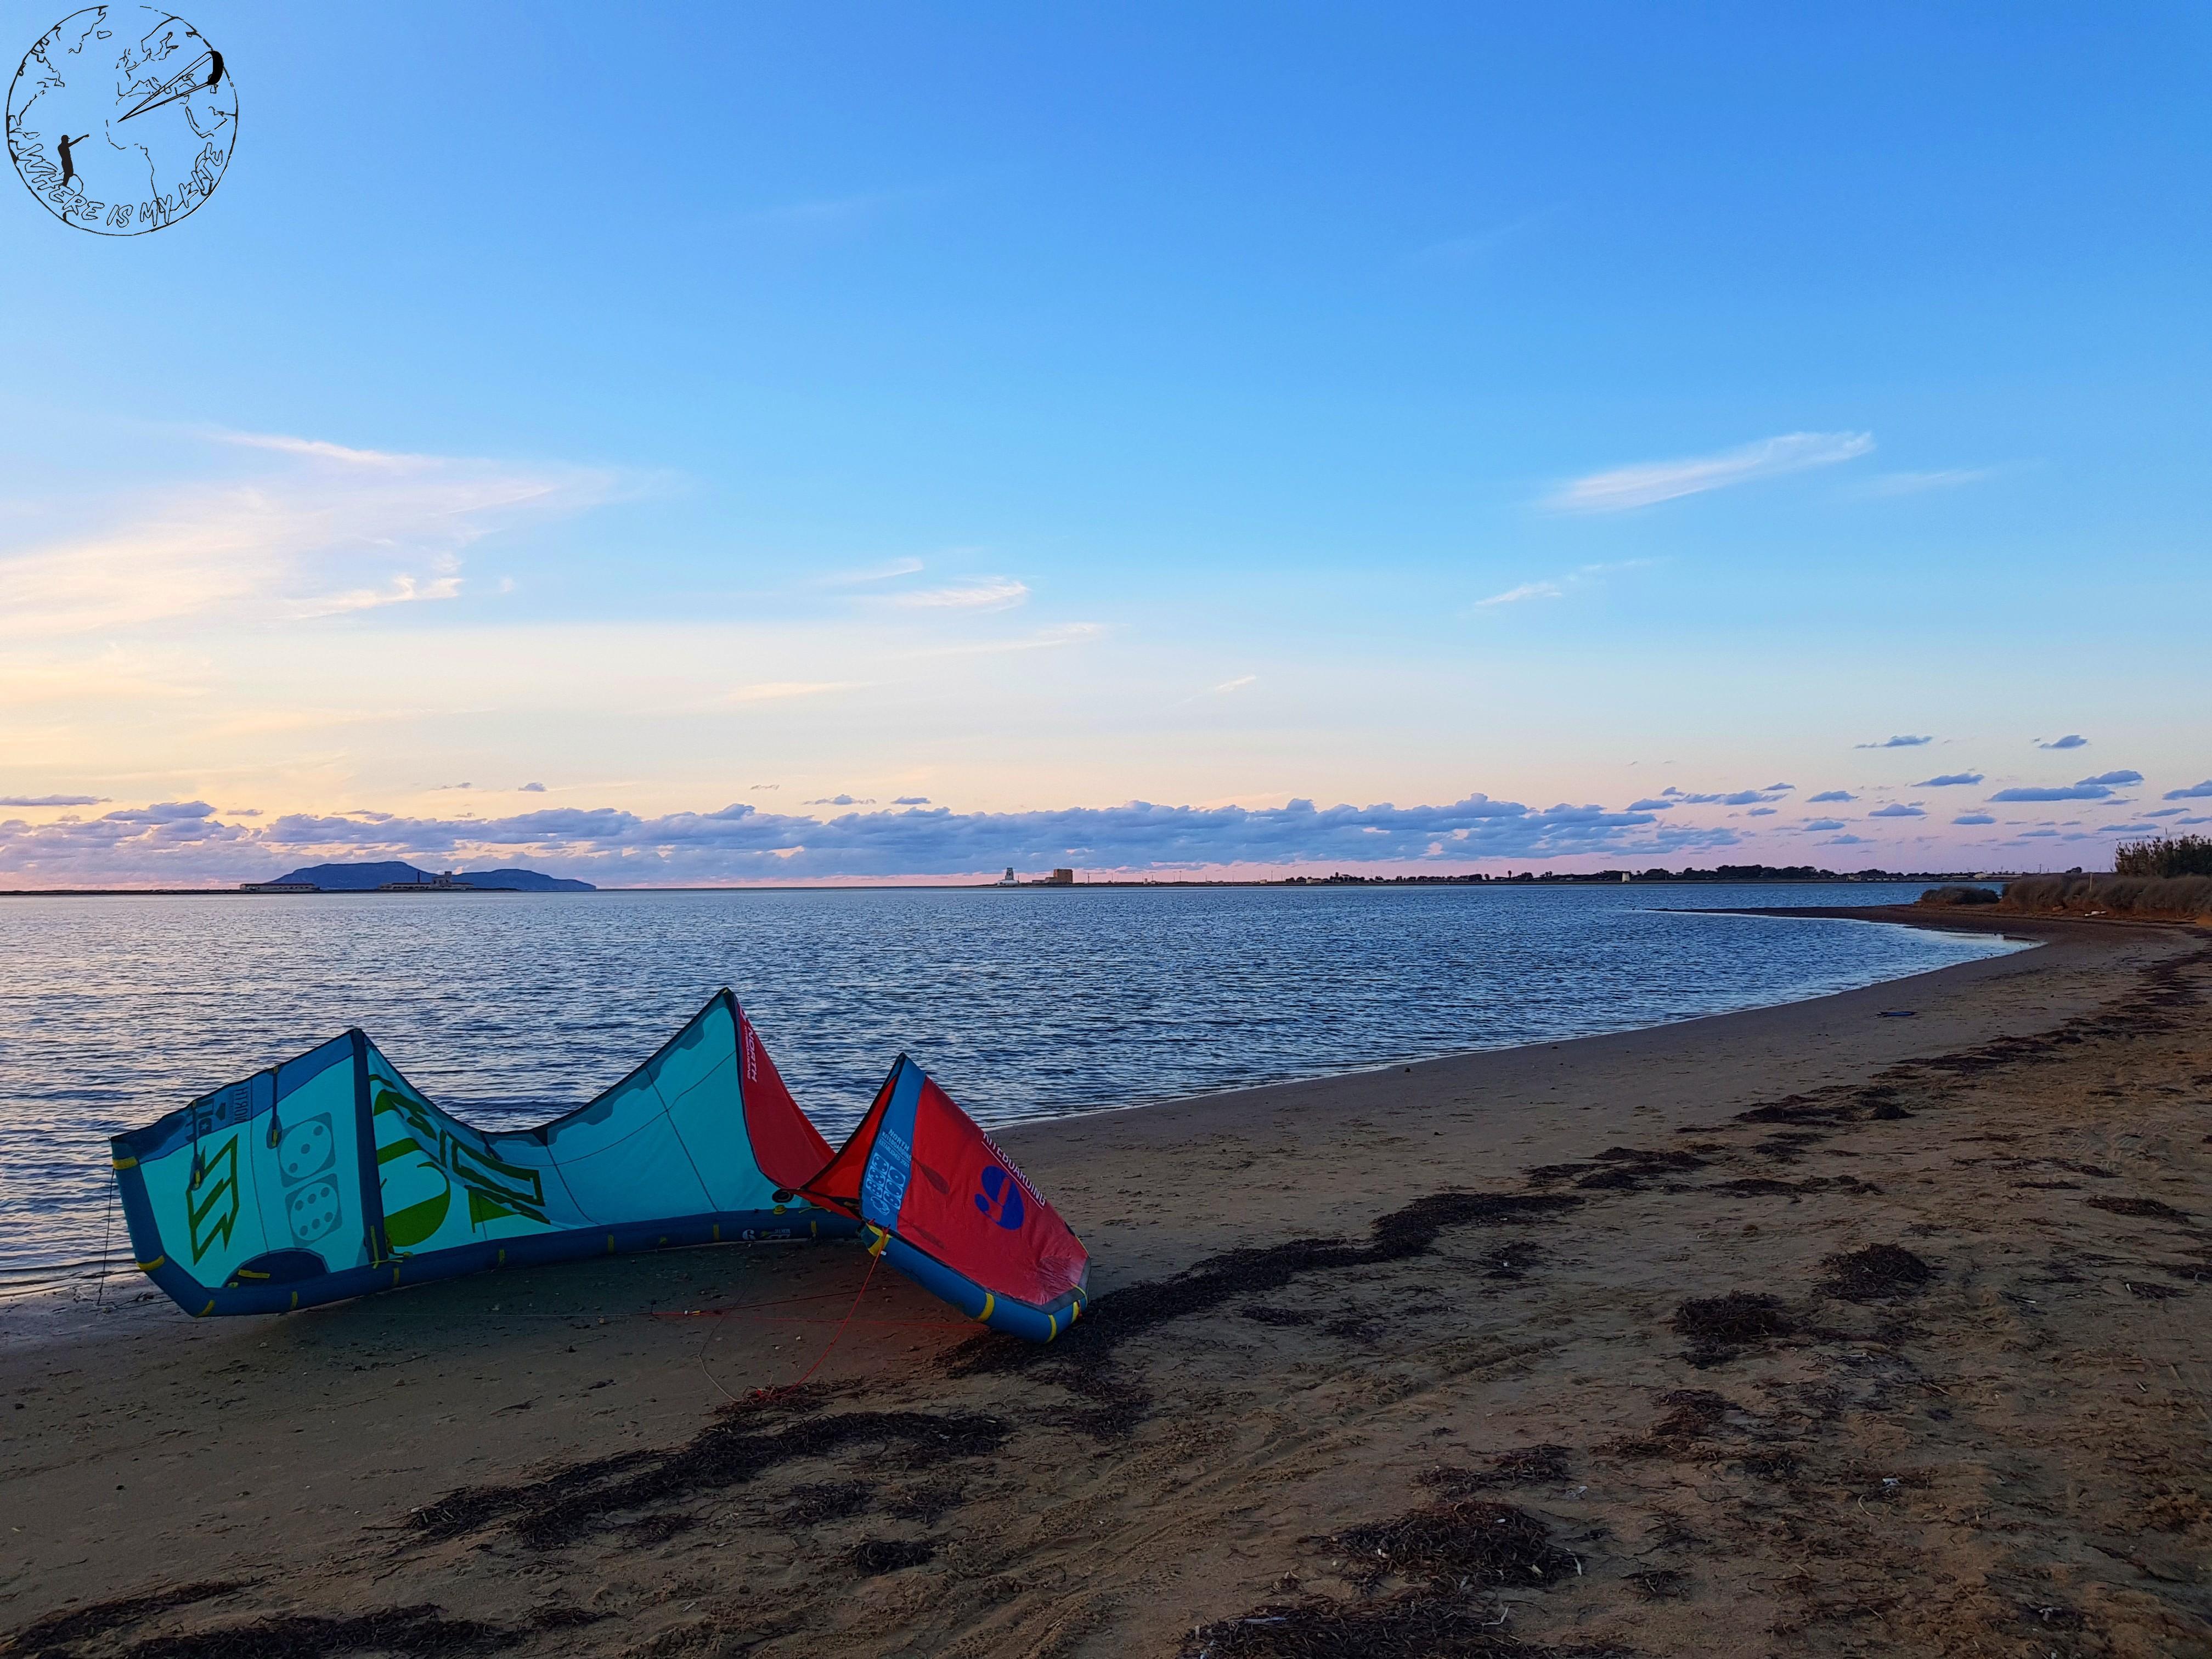 Petite session de kitesurf sur le spot de Marsala